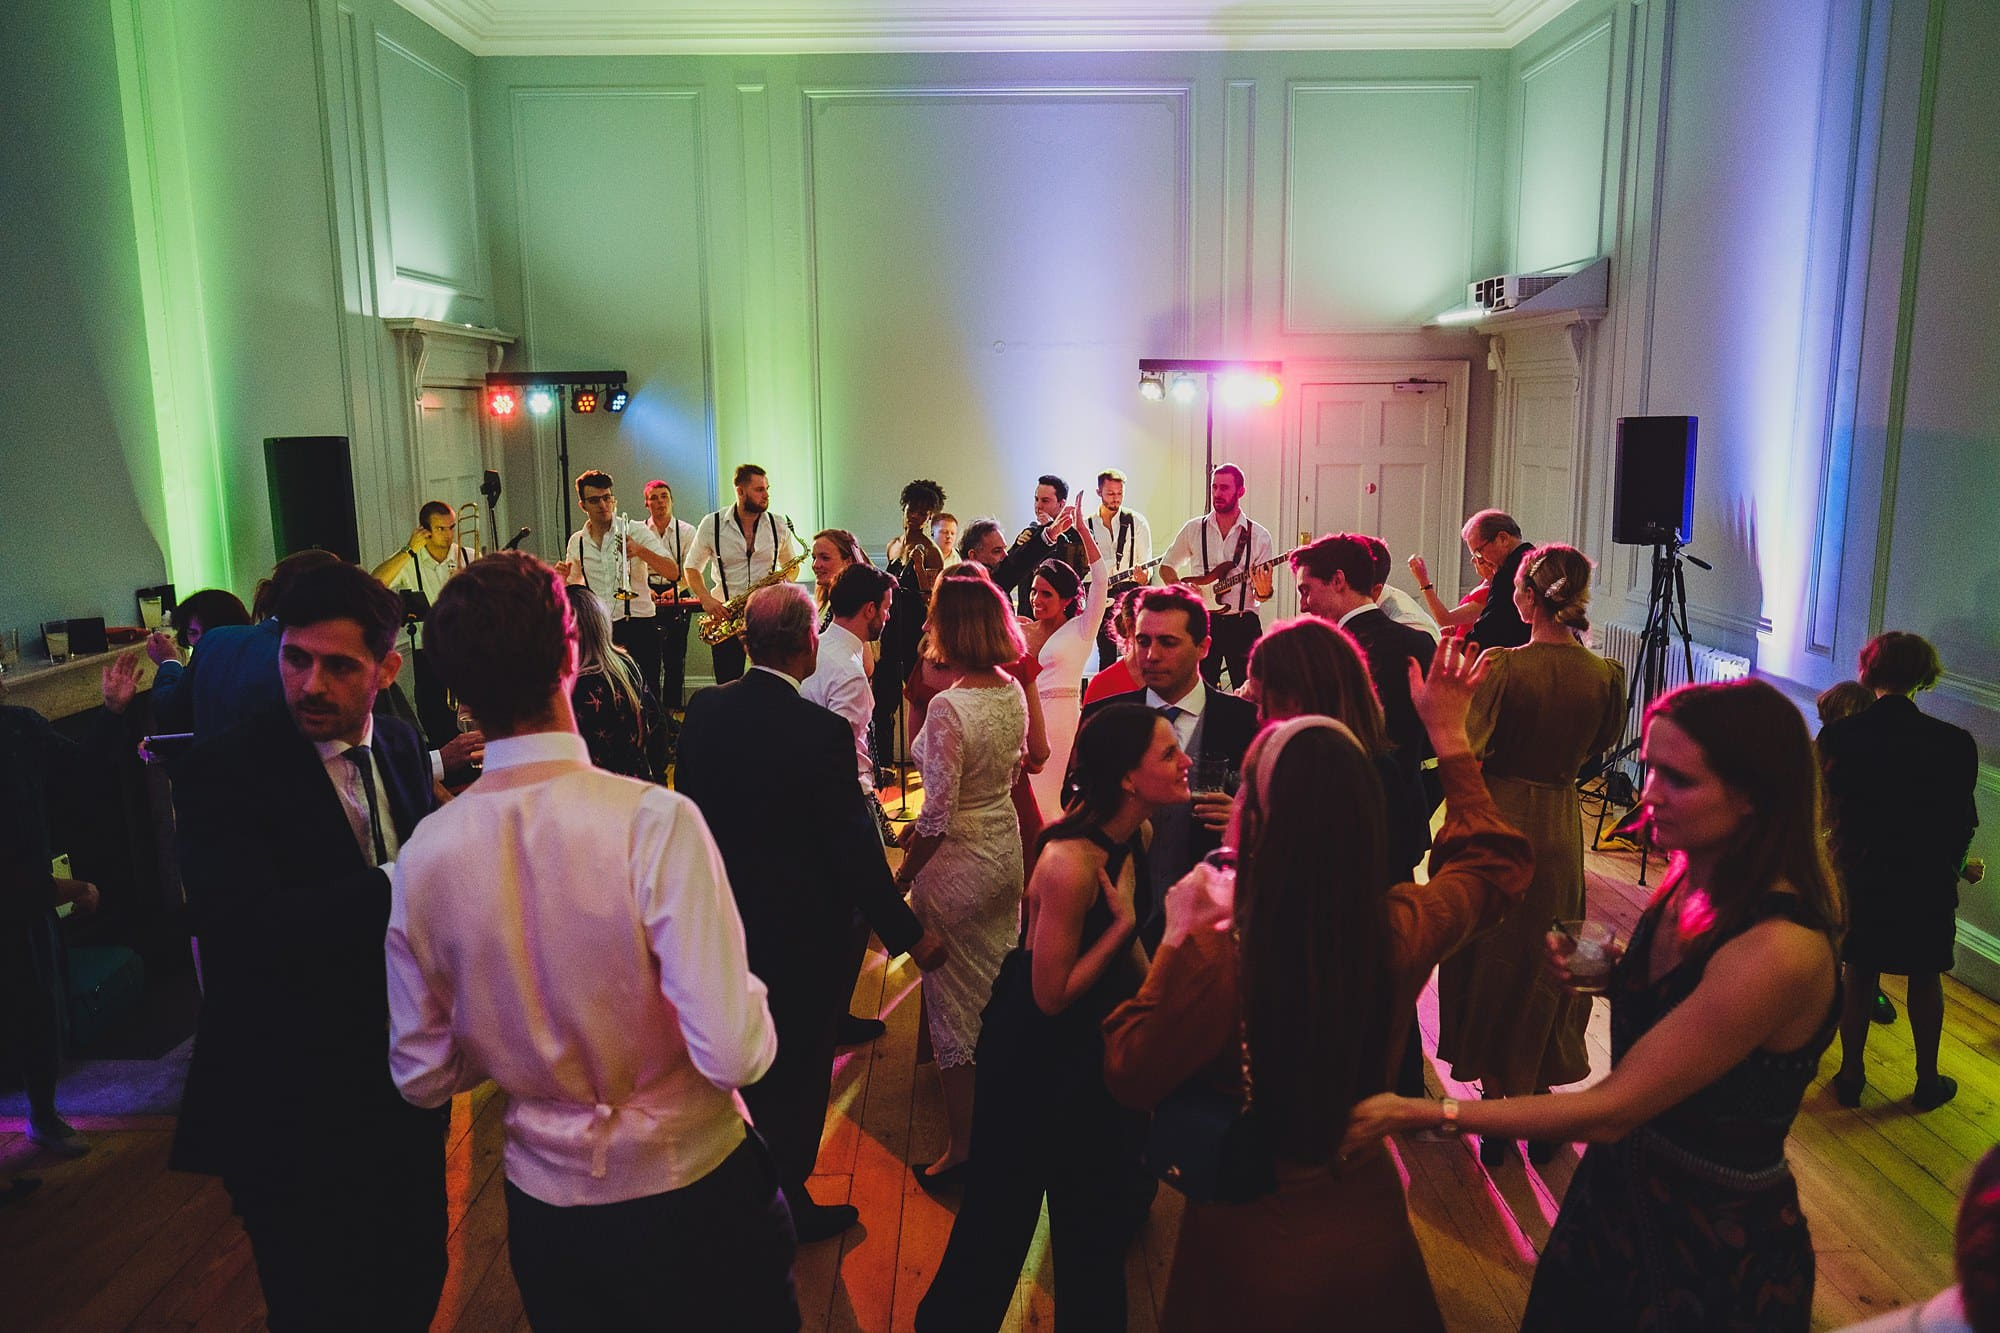 fulham palace wedding photographer ok 113 - Olivia + Kyle